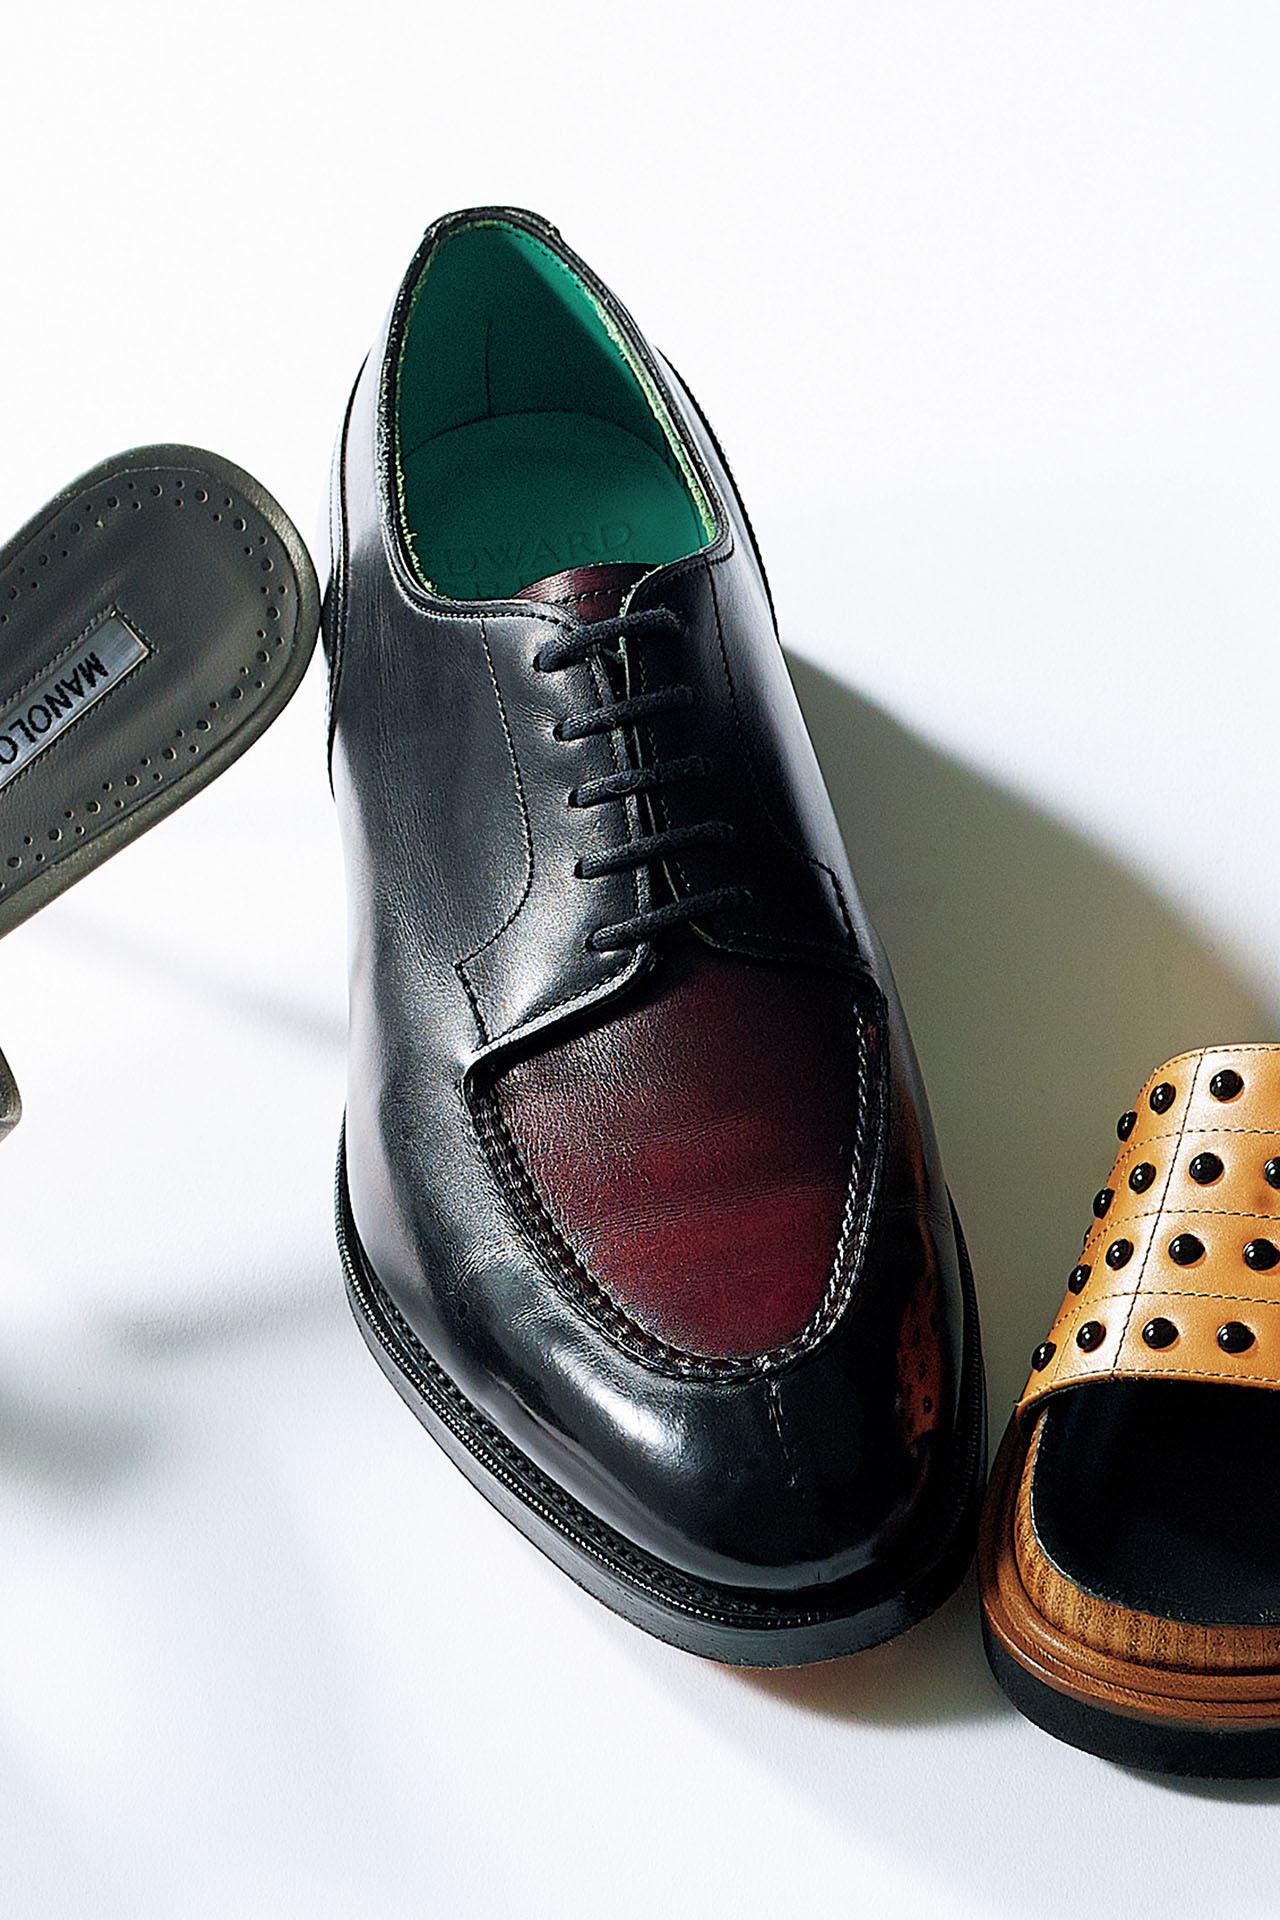 春のトレンンド靴 photo gallery_1_1-12